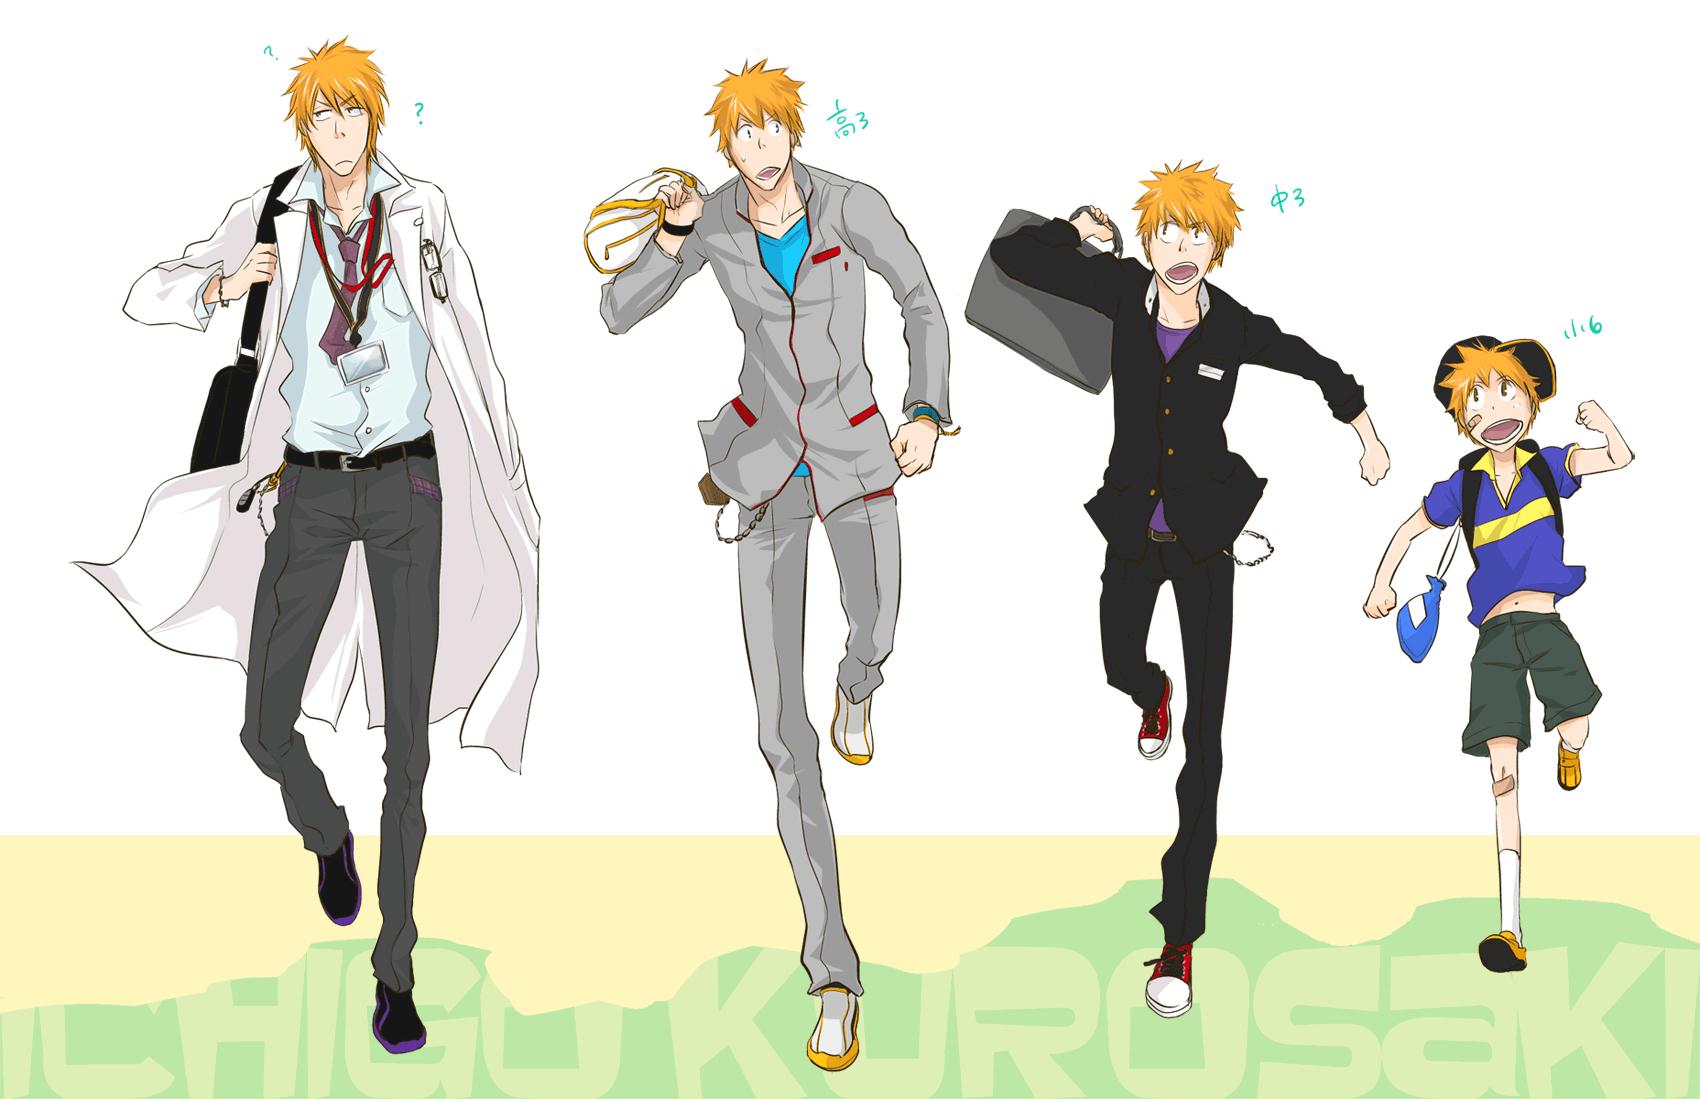 Anime Characters Age : School uniform bleach zerochan anime image board